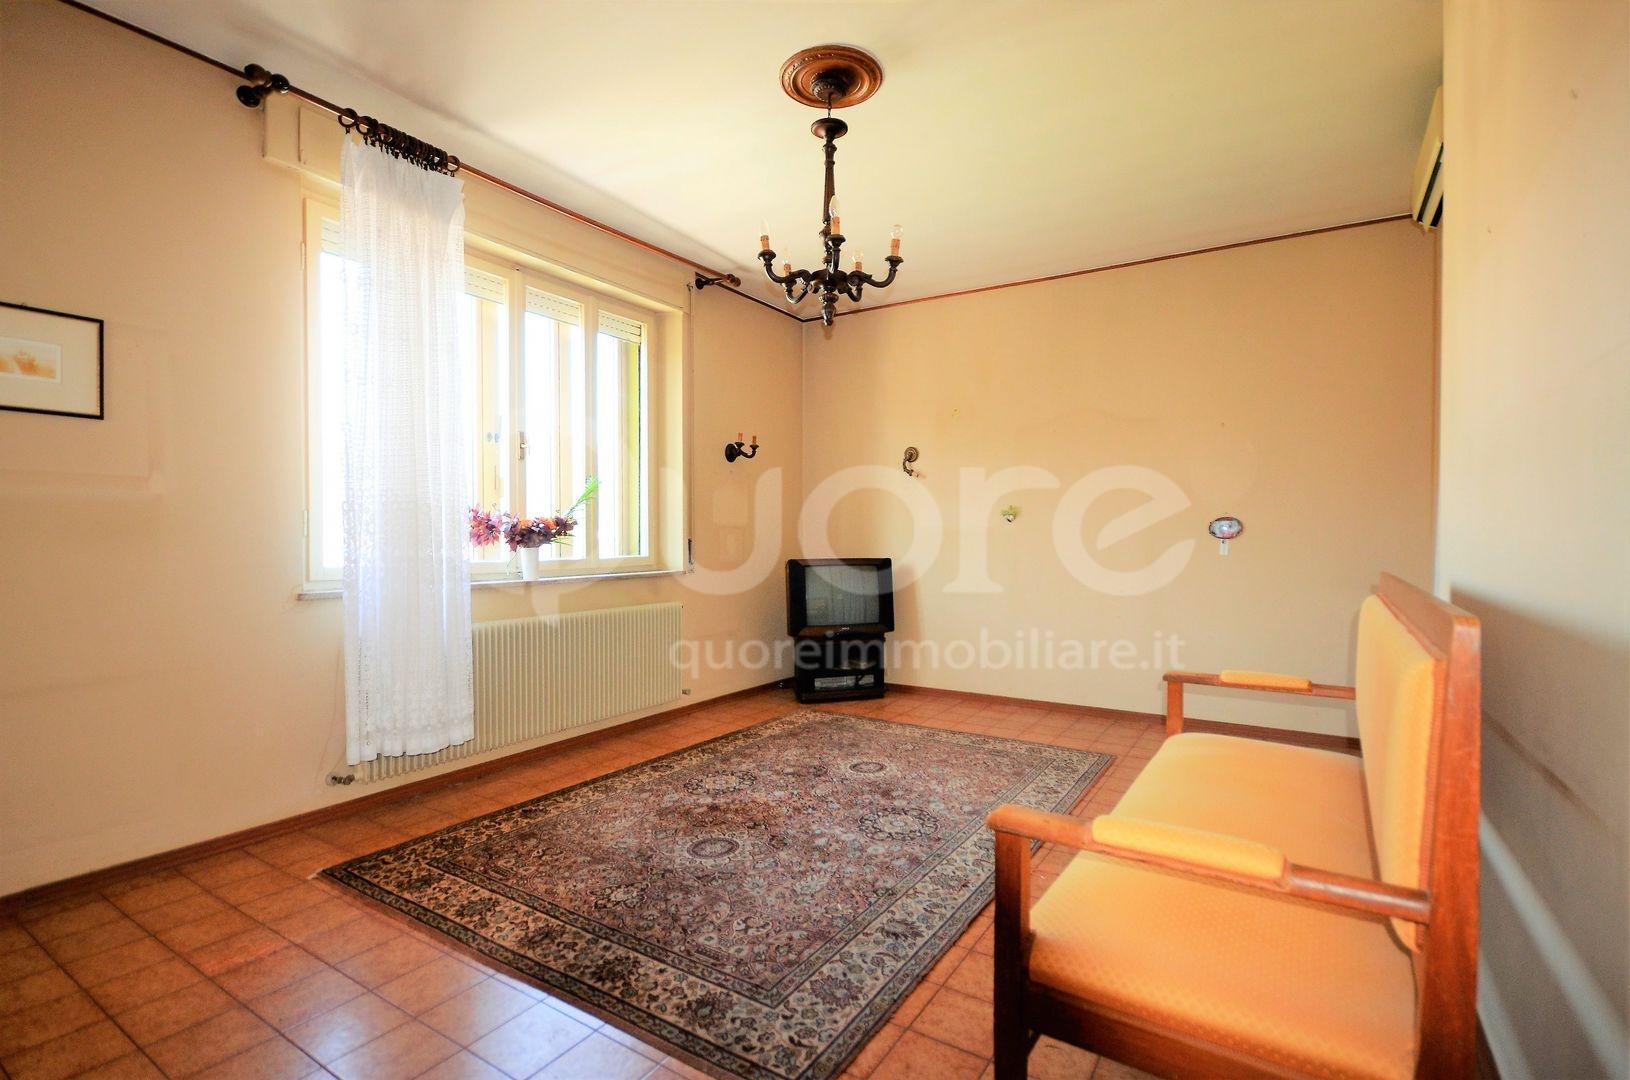 Appartamento in vendita a Attimis, 4 locali, prezzo € 48.000 | Cambio Casa.it